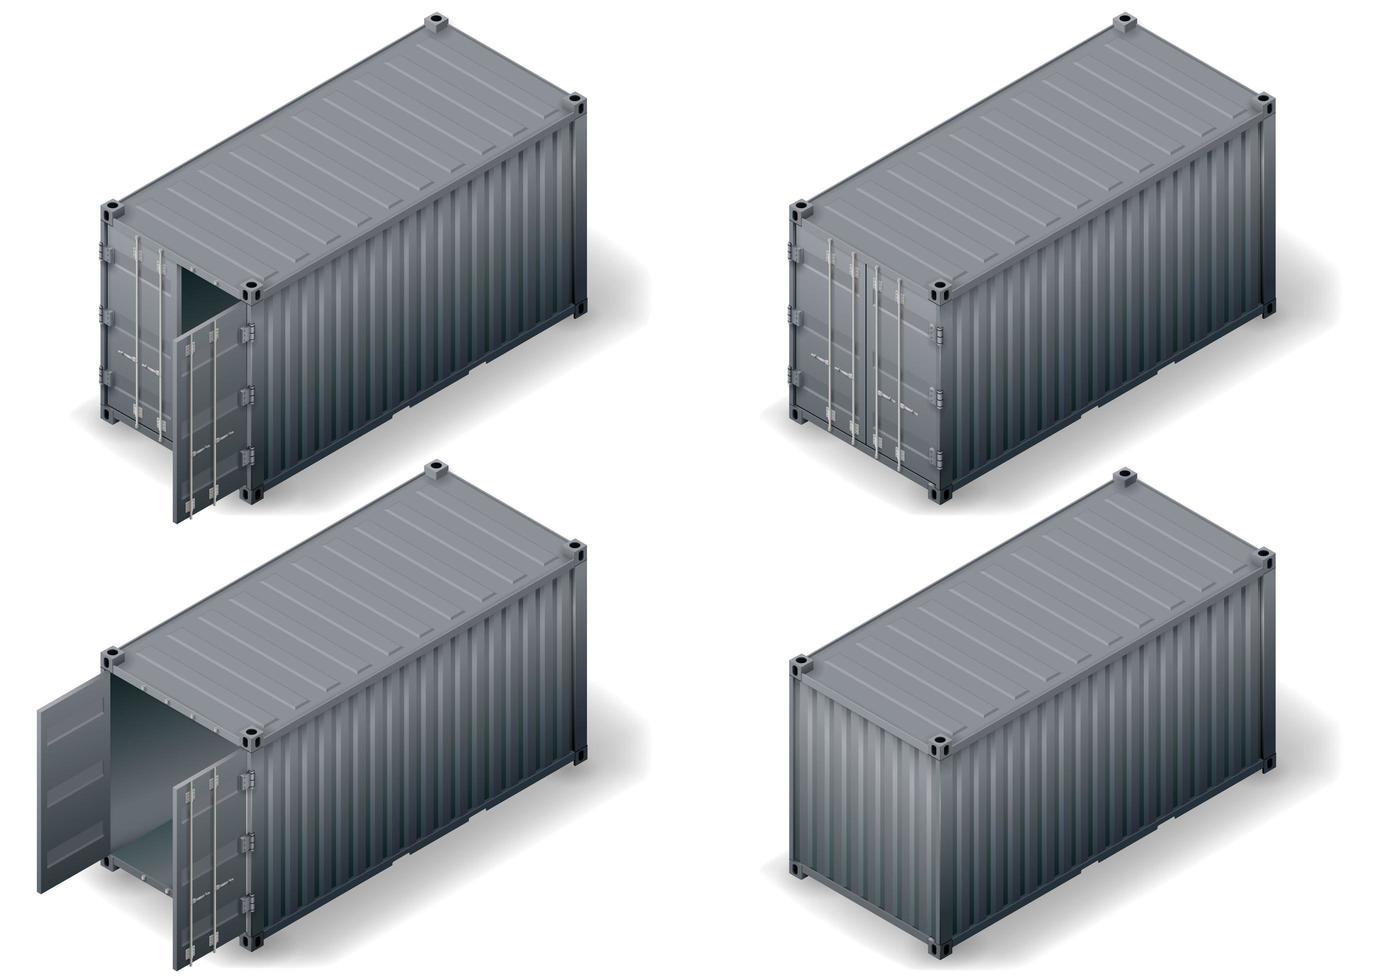 uppsättning lastbehållare vektor